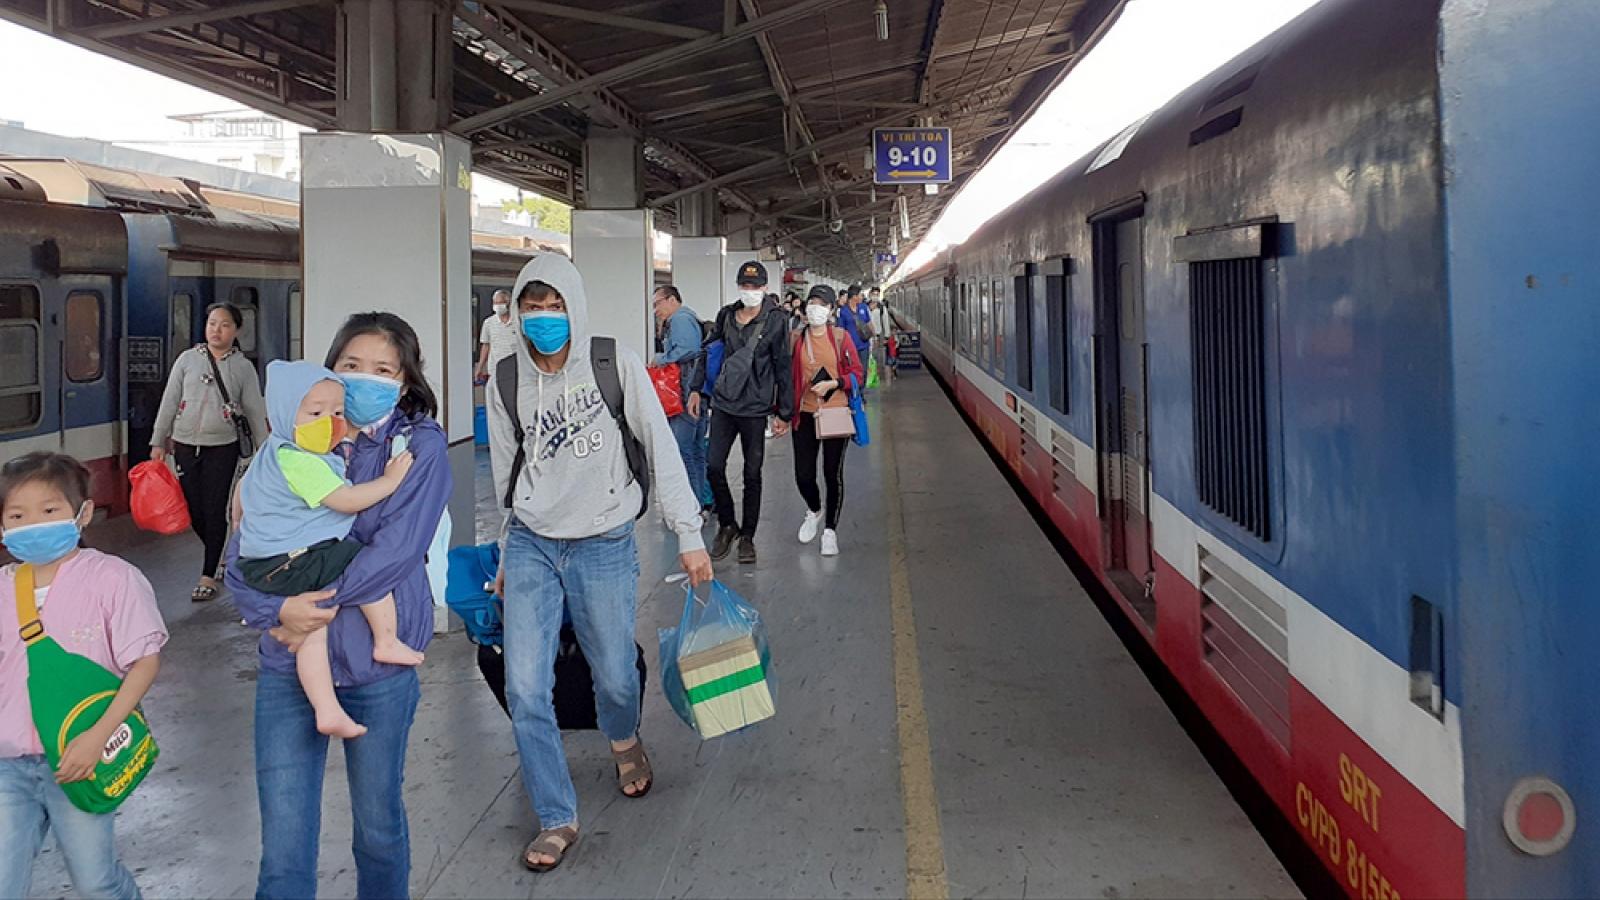 Dừng hoạt động tàu Hà Nội-Yên Bái, Hà Nội-Hải Phòng, xe khách không đón khách ở Vĩnh Phúc